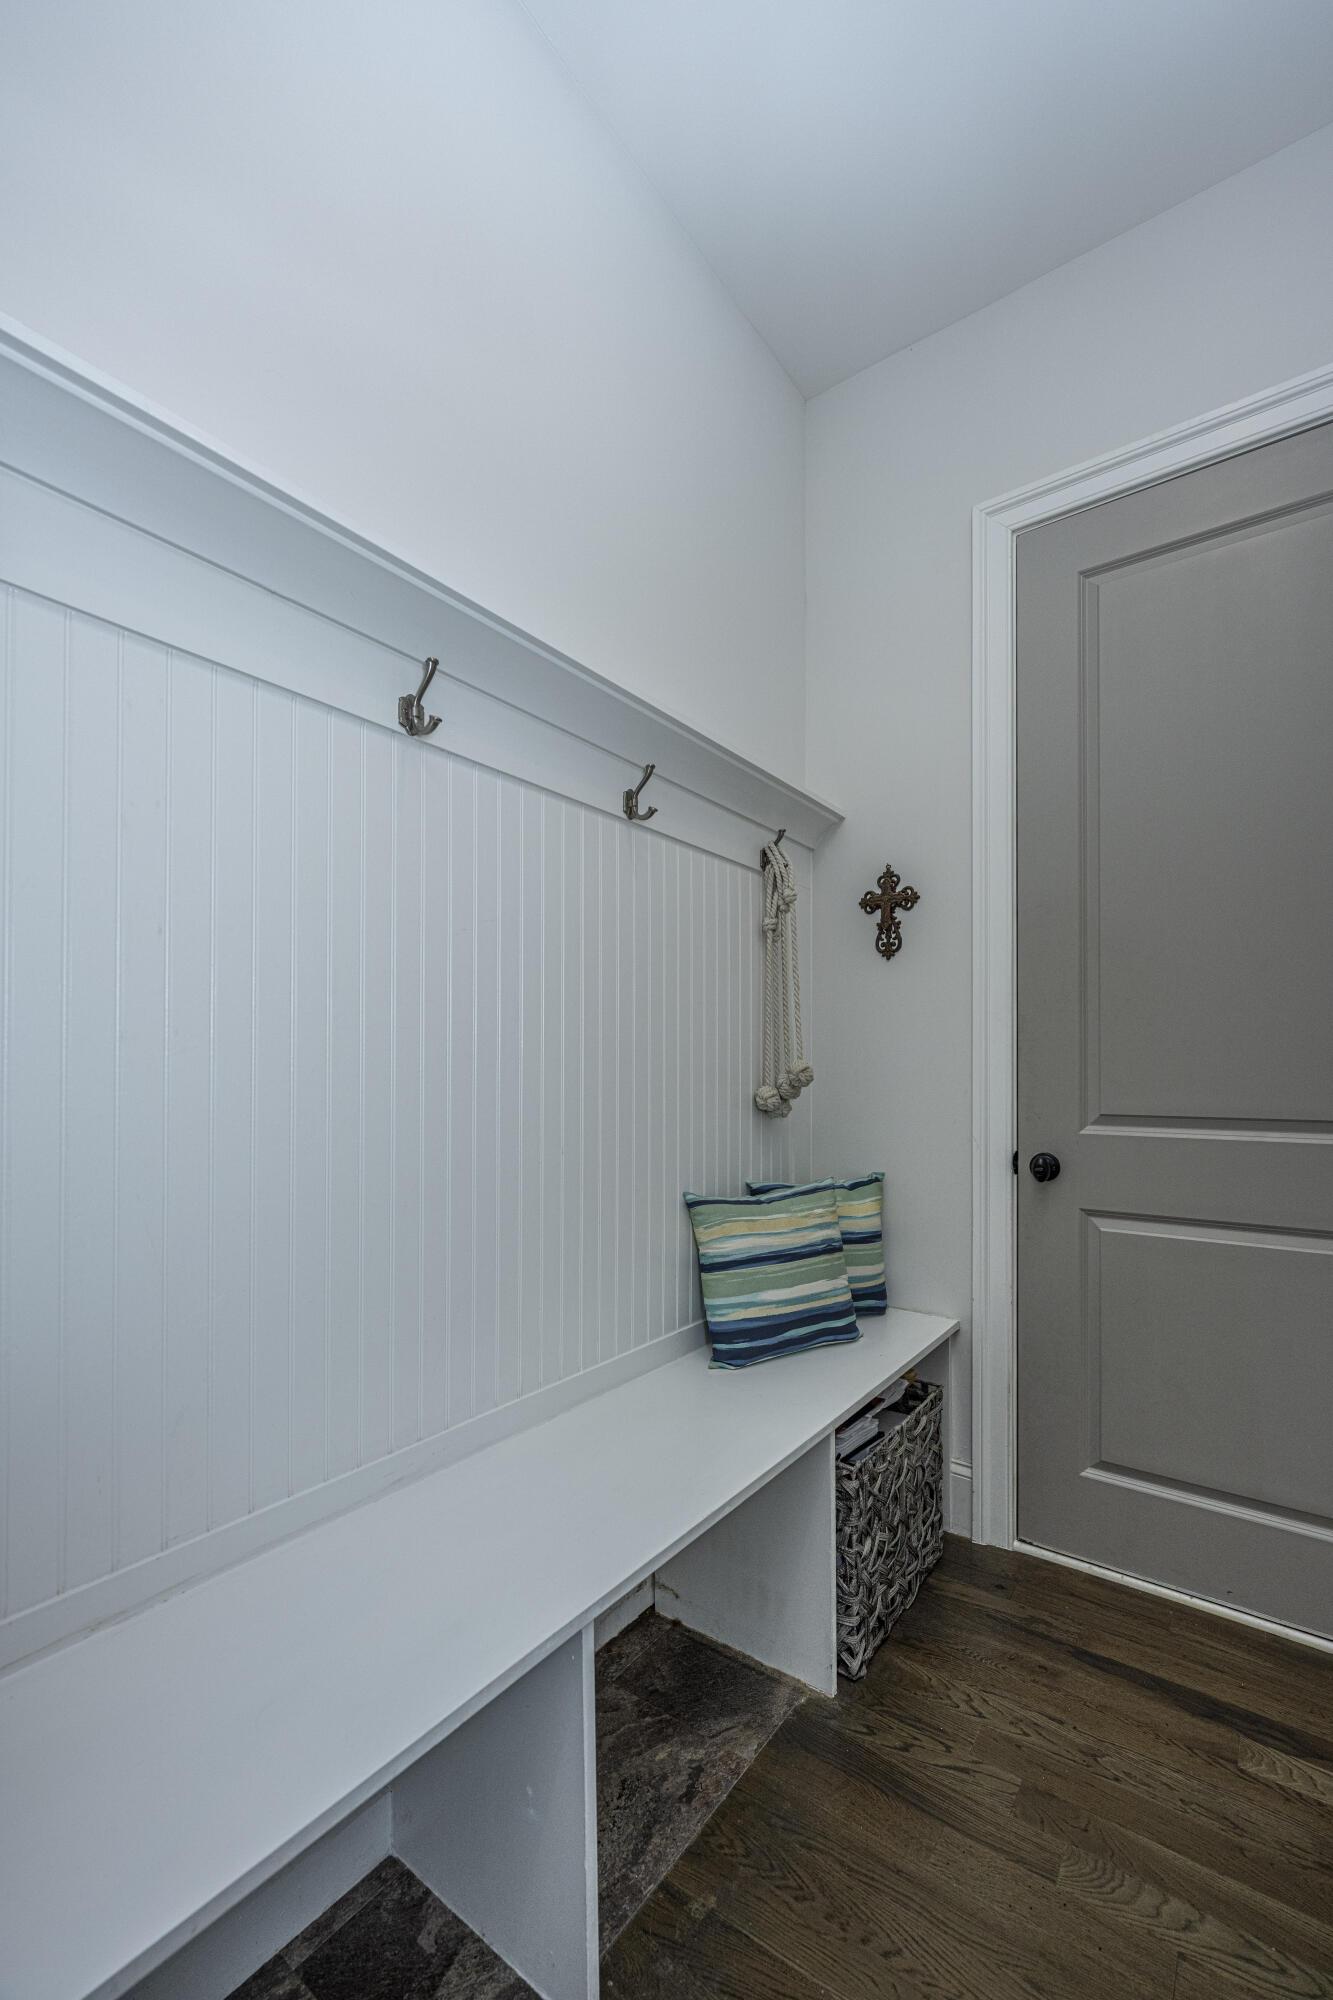 Dunes West Homes For Sale - 2721 Oak Manor, Mount Pleasant, SC - 12